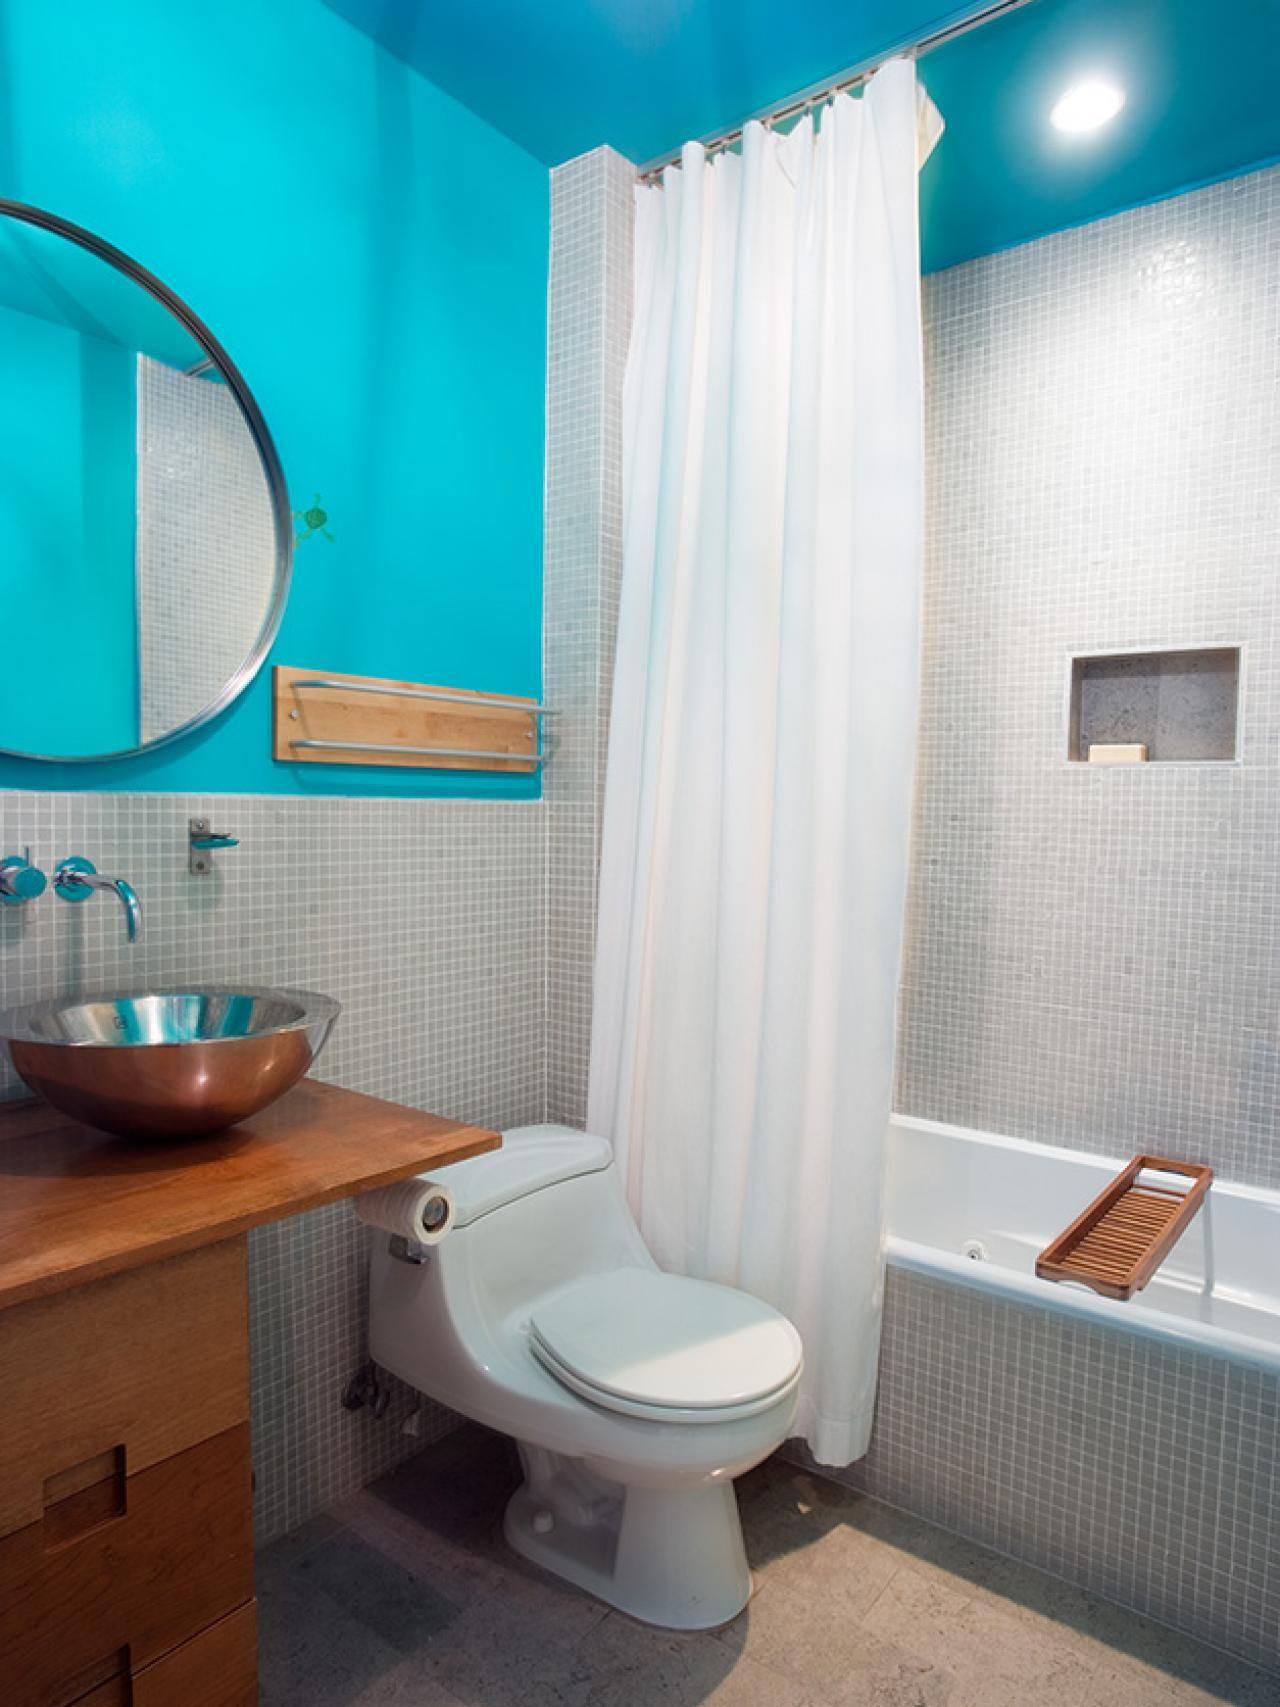 Farben des wohnraums 2018 moderne badezimmerfarben design von allstateloghomes in   bad